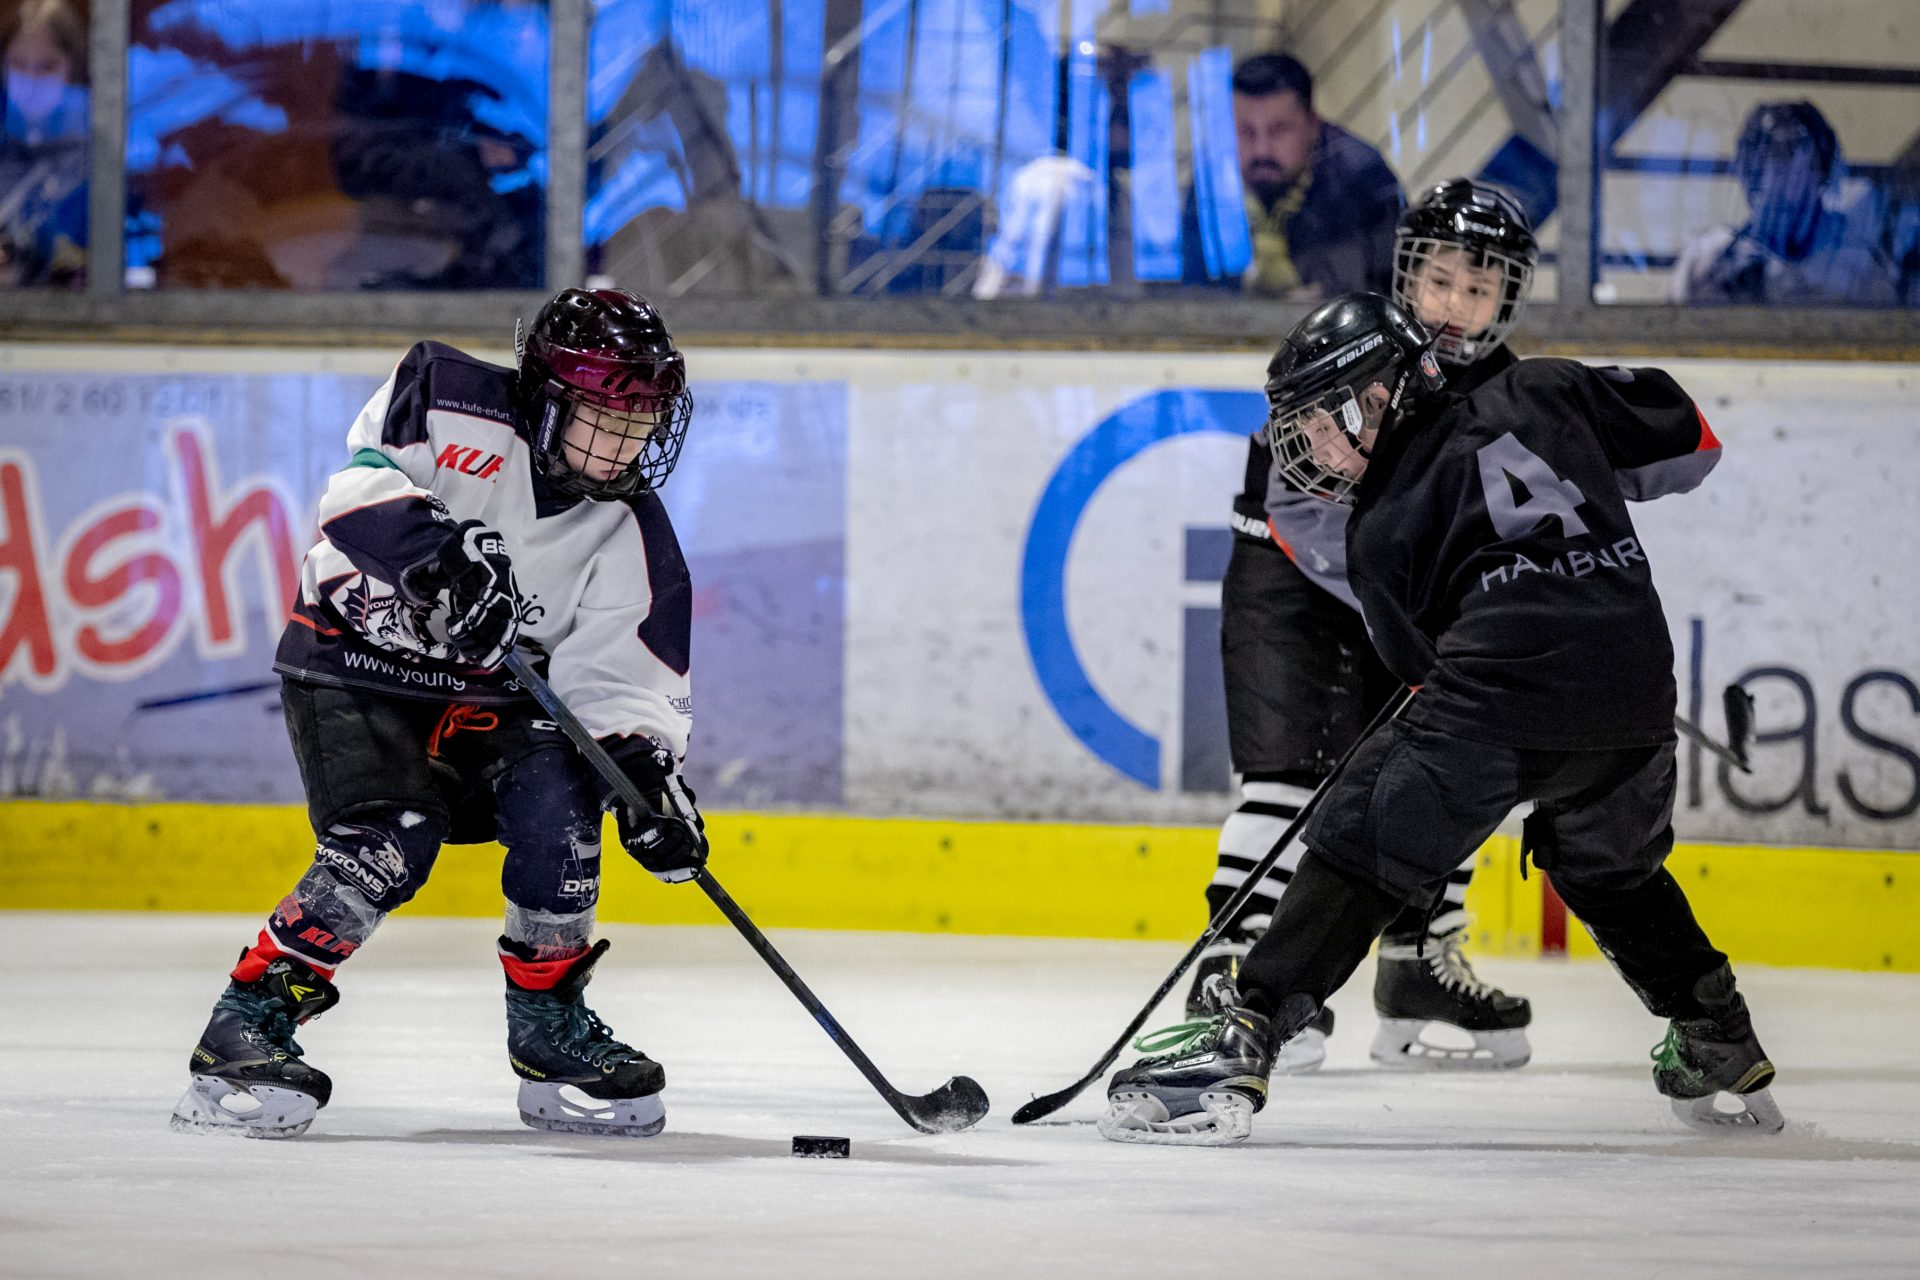 Eishockey Nachwuchs Erfurt